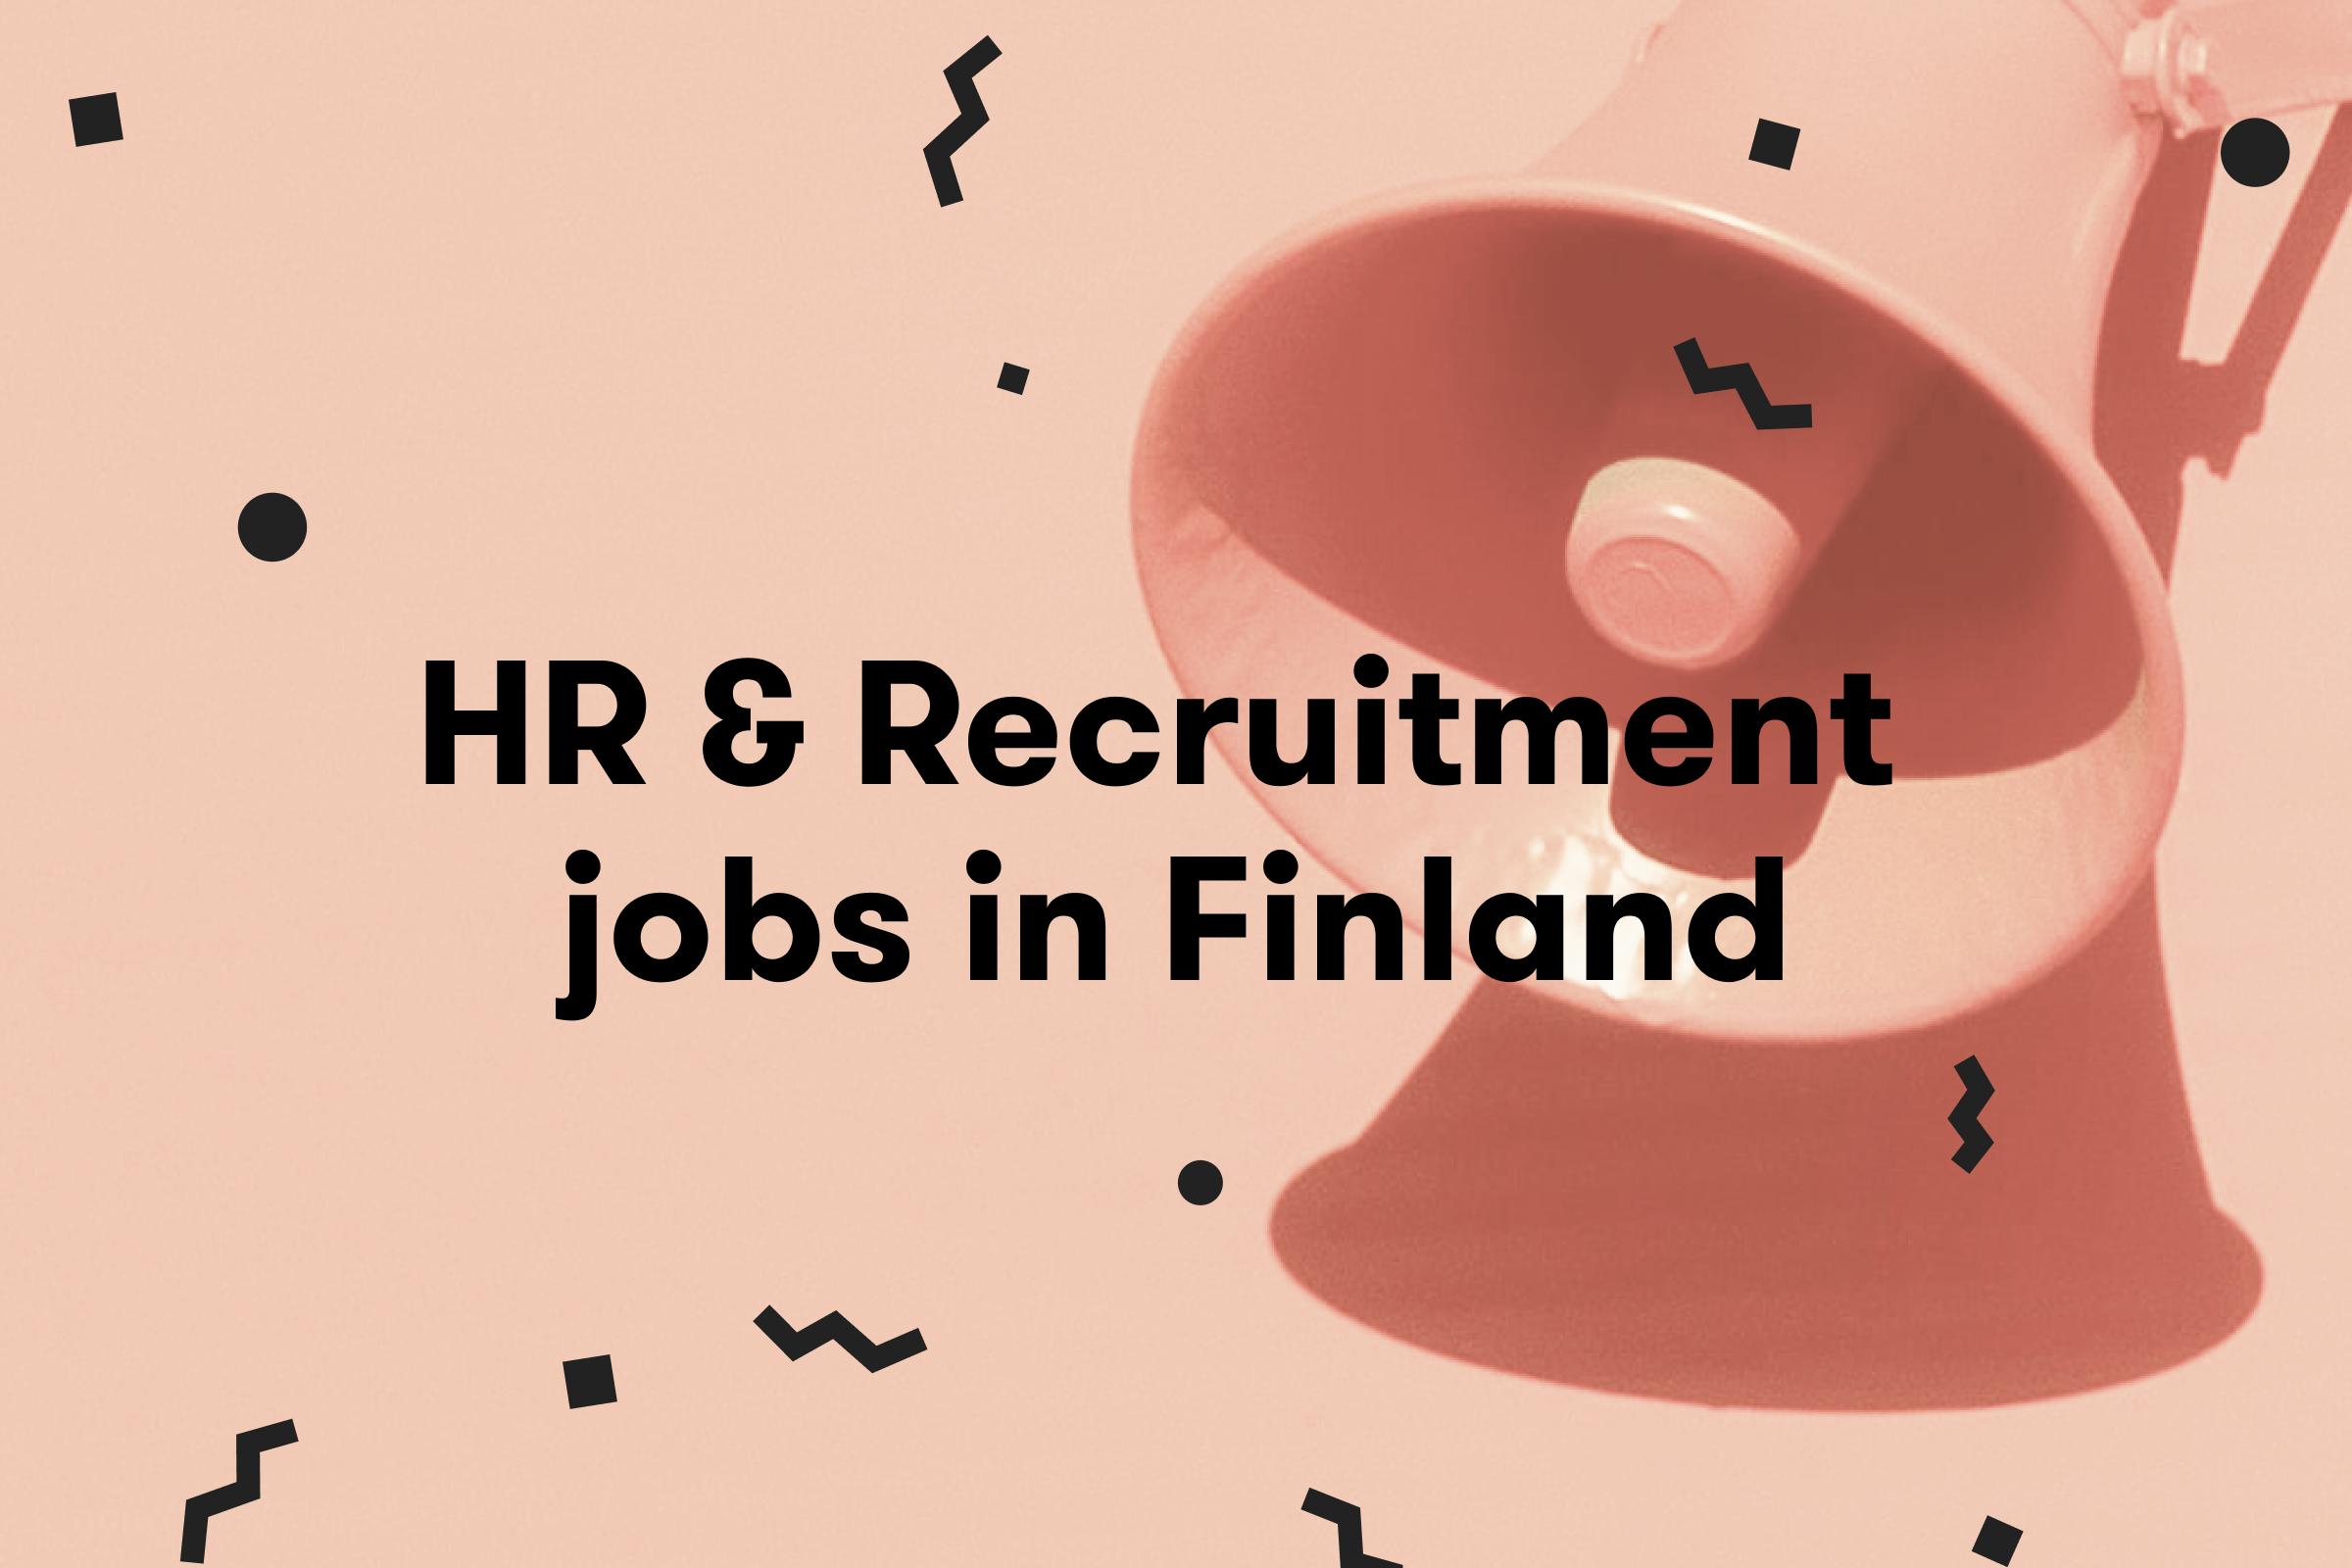 HR jobs in Finland